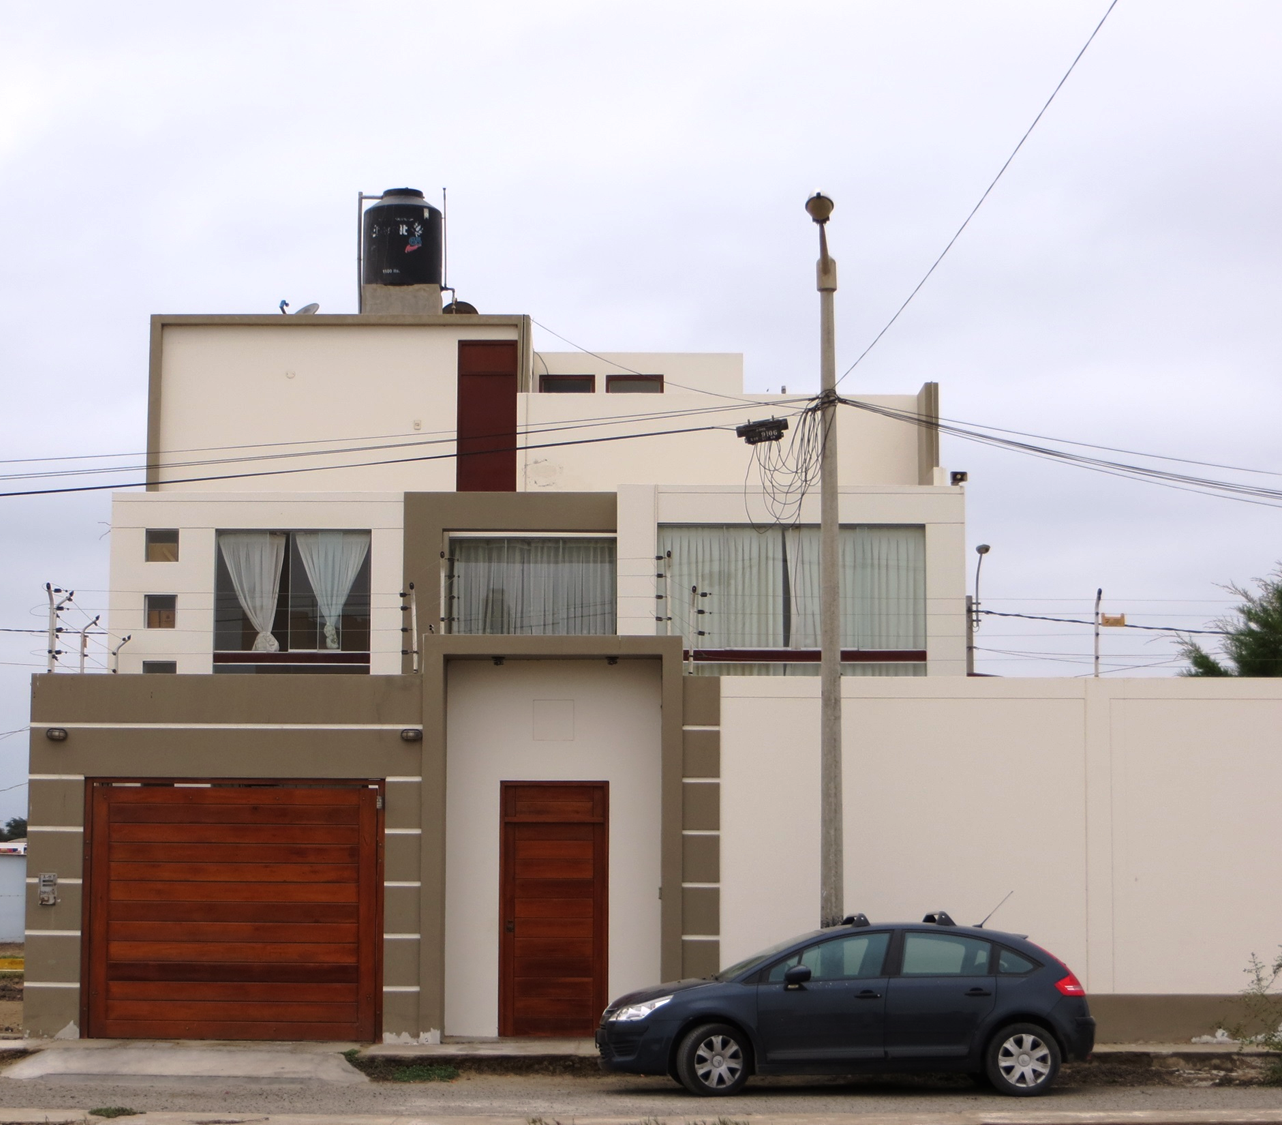 Fachadas de casas bonitas agosto 2014 for Fachadas de casas modernas 2 pisos